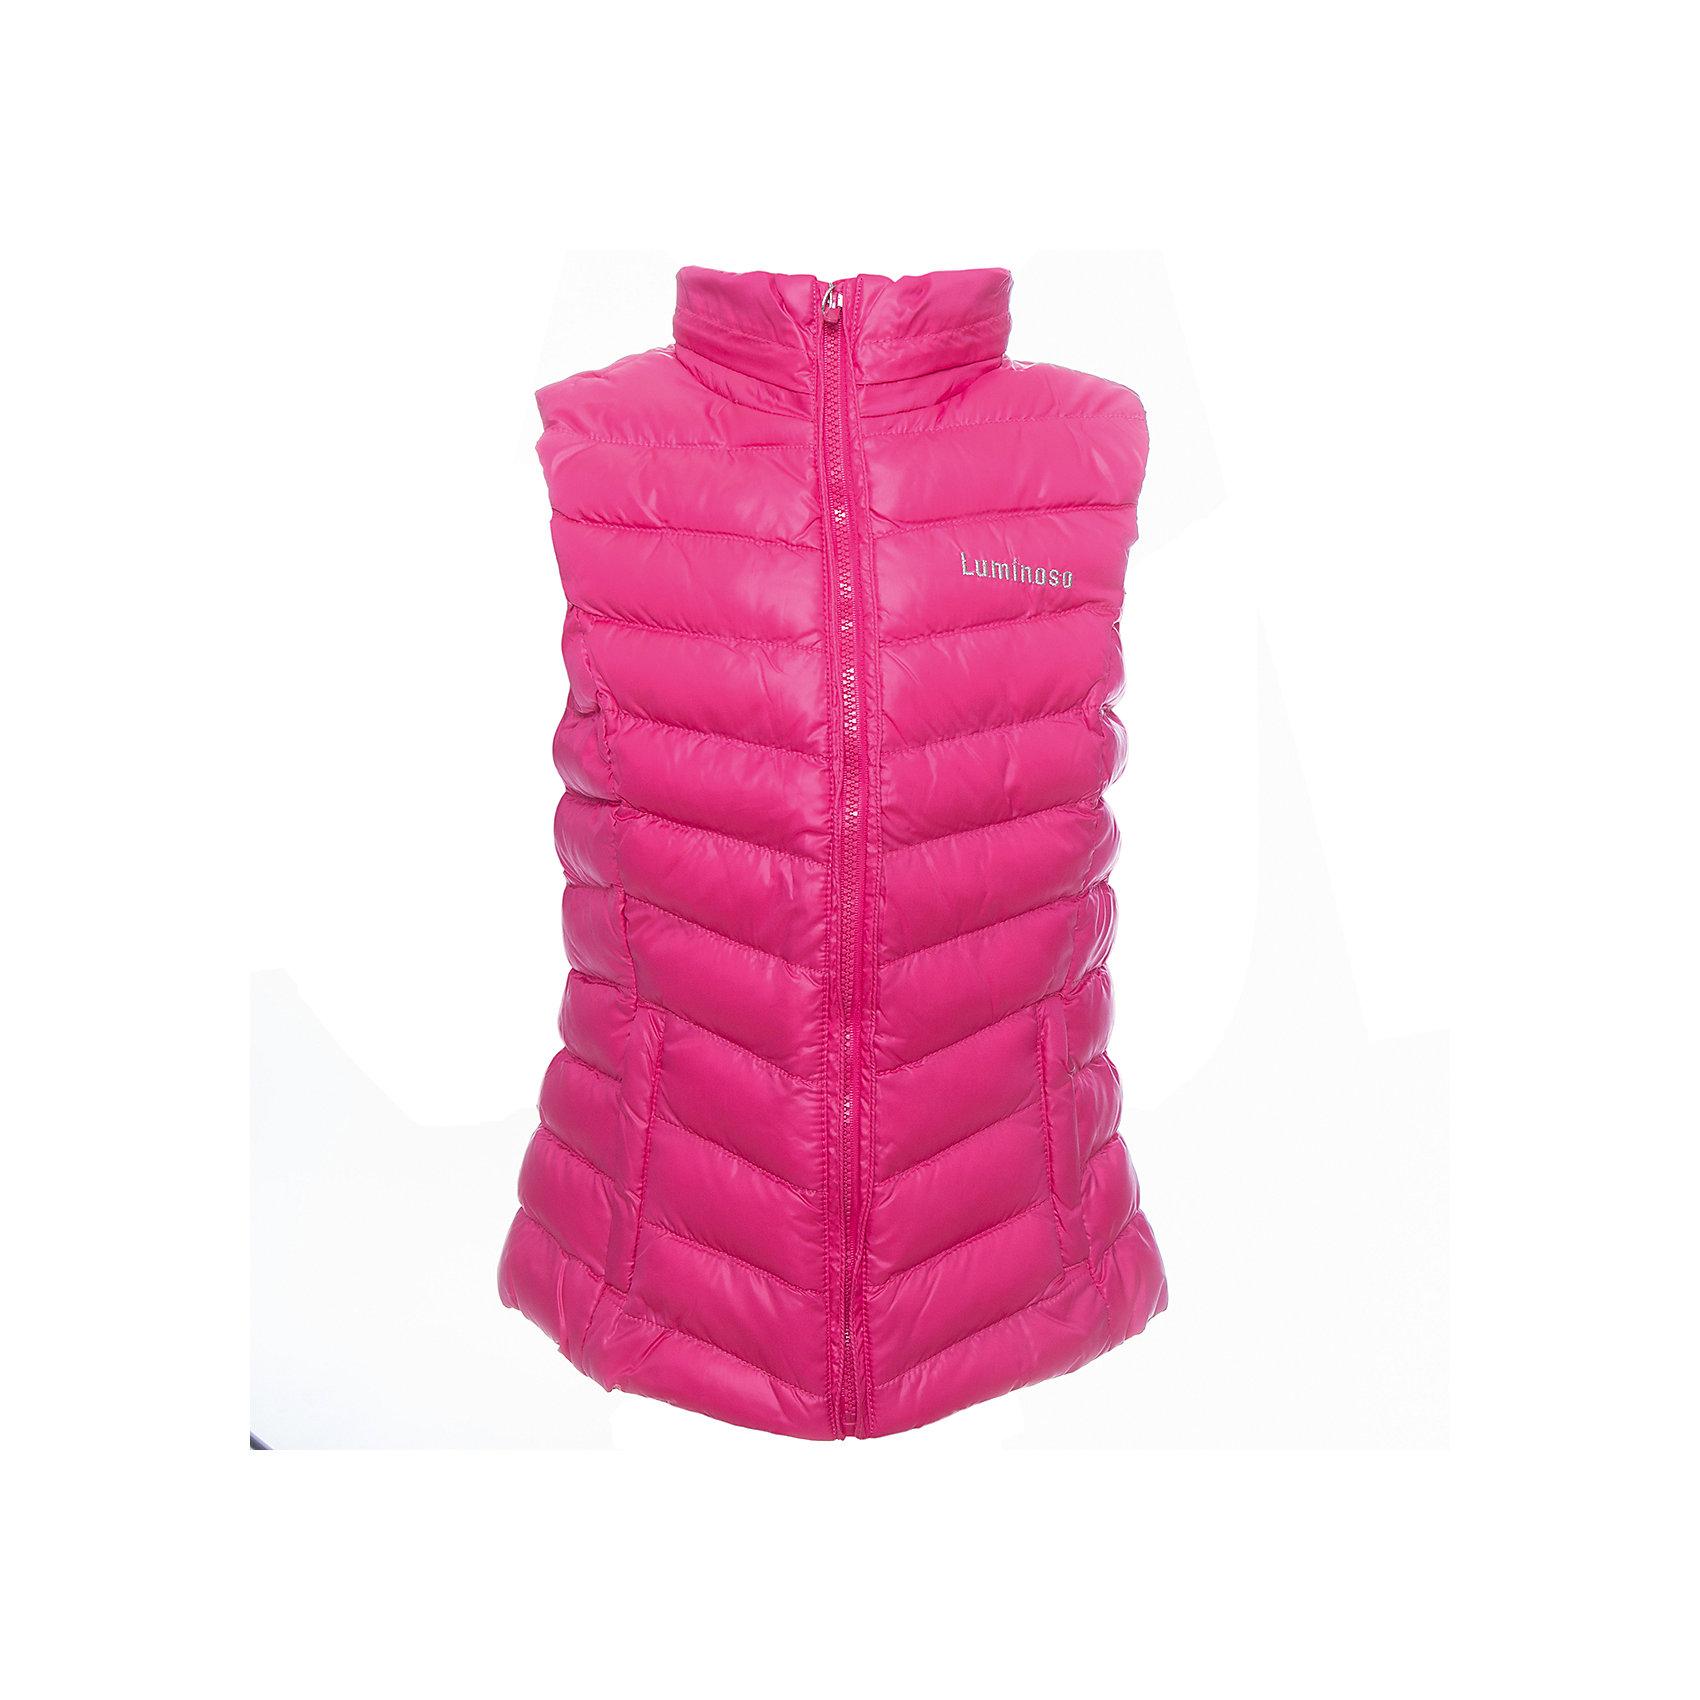 Жилет для девочки LuminosoВерхняя одежда<br>Жилетка легкая для девочки, ярко - розового цвета с отстегивающимся капюшоном.<br>Состав:<br>Верх: 100% полиэстер, Подкладка: 100%полиэстер, Наполнитель: 100%полиэстер<br><br>Ширина мм: 356<br>Глубина мм: 10<br>Высота мм: 245<br>Вес г: 519<br>Цвет: розовый<br>Возраст от месяцев: 108<br>Возраст до месяцев: 120<br>Пол: Женский<br>Возраст: Детский<br>Размер: 140,152,164,158,134,146<br>SKU: 4521660